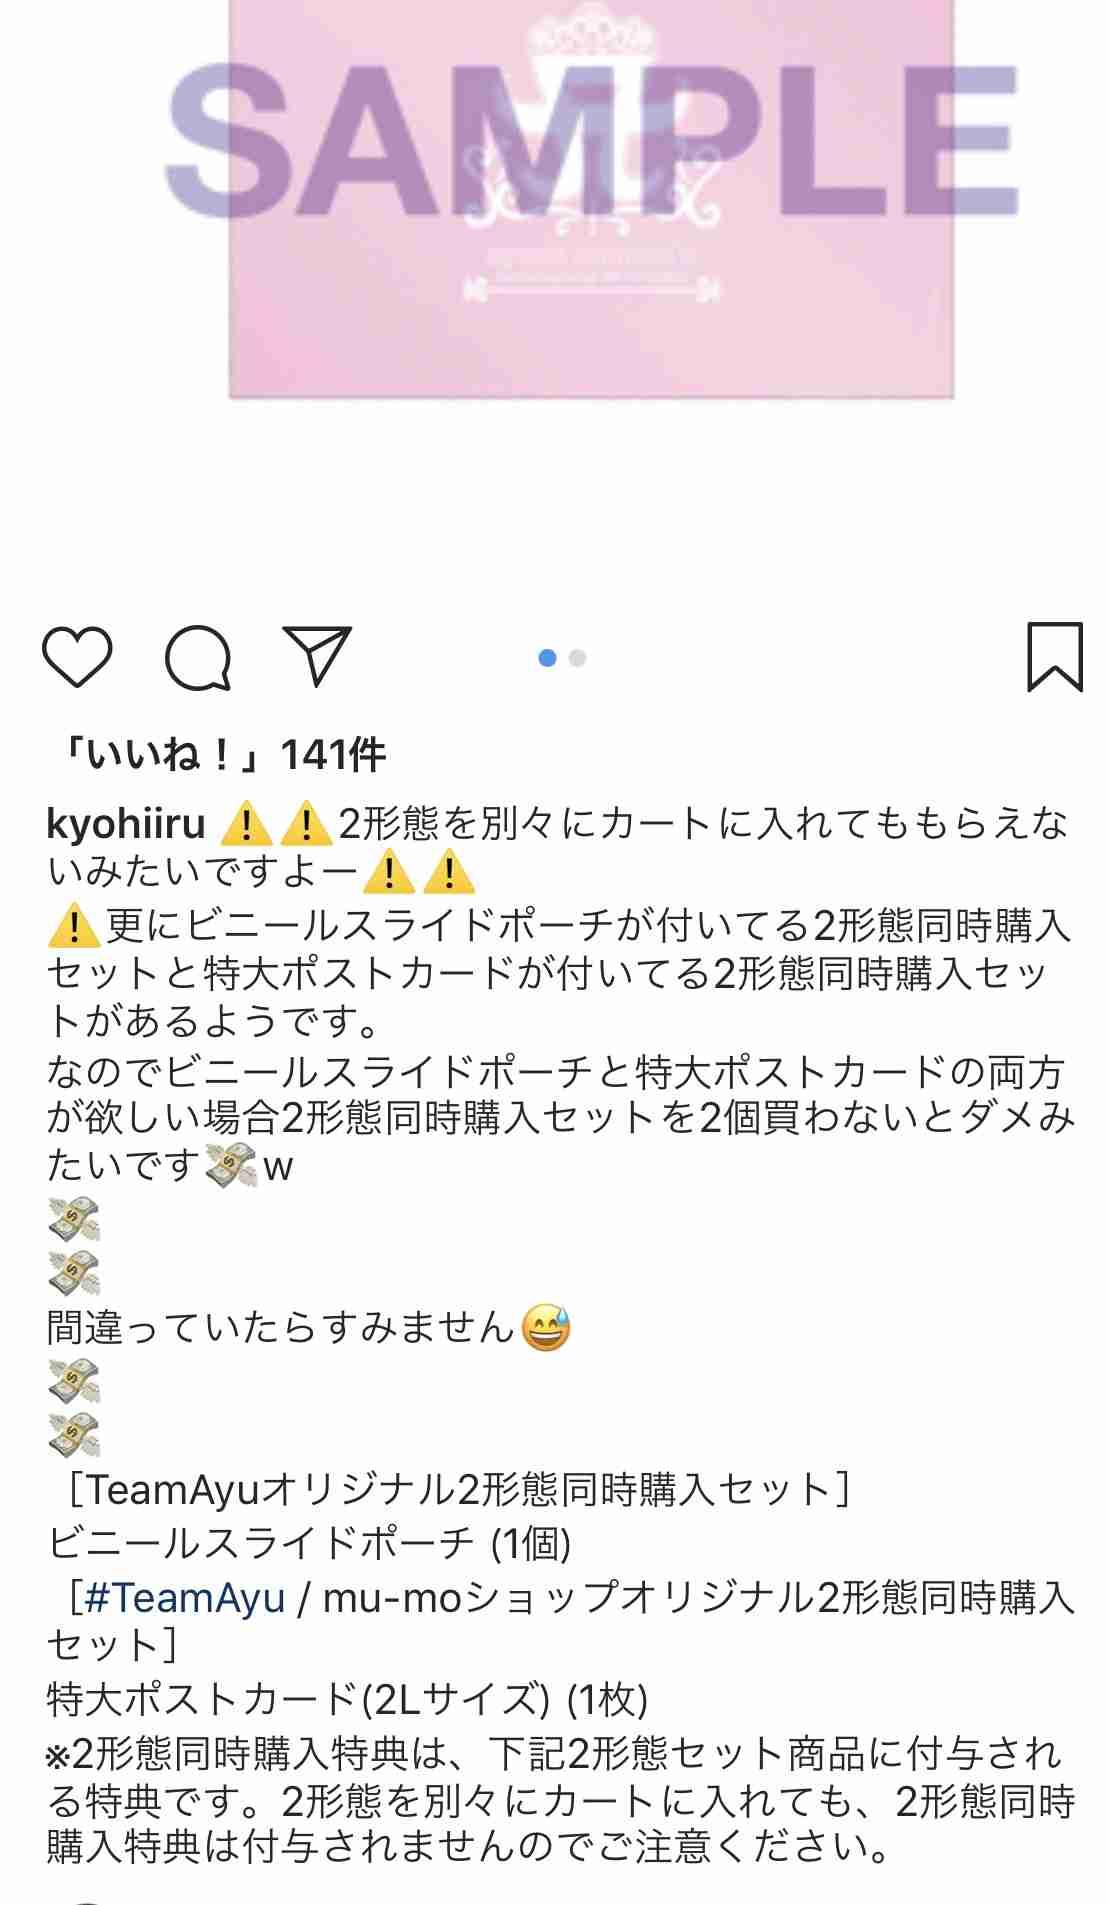 浜崎あゆみ、「まさかの新ジャケ?」意味深なモノクロ写真にファン歓喜